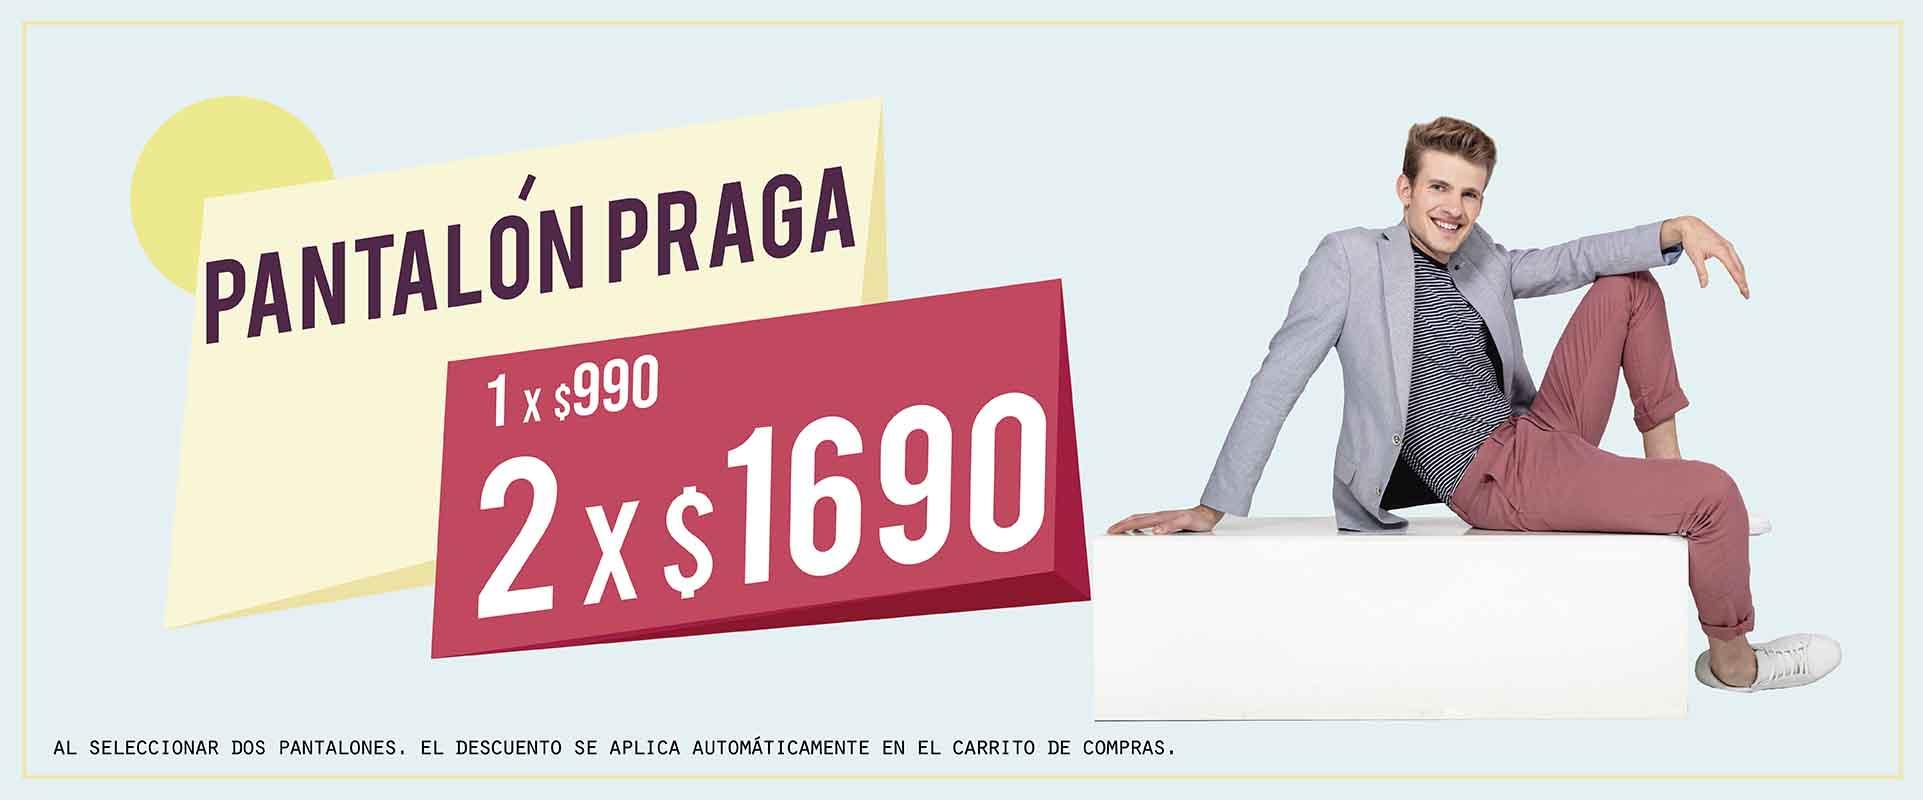 Pantalon Praga 2x